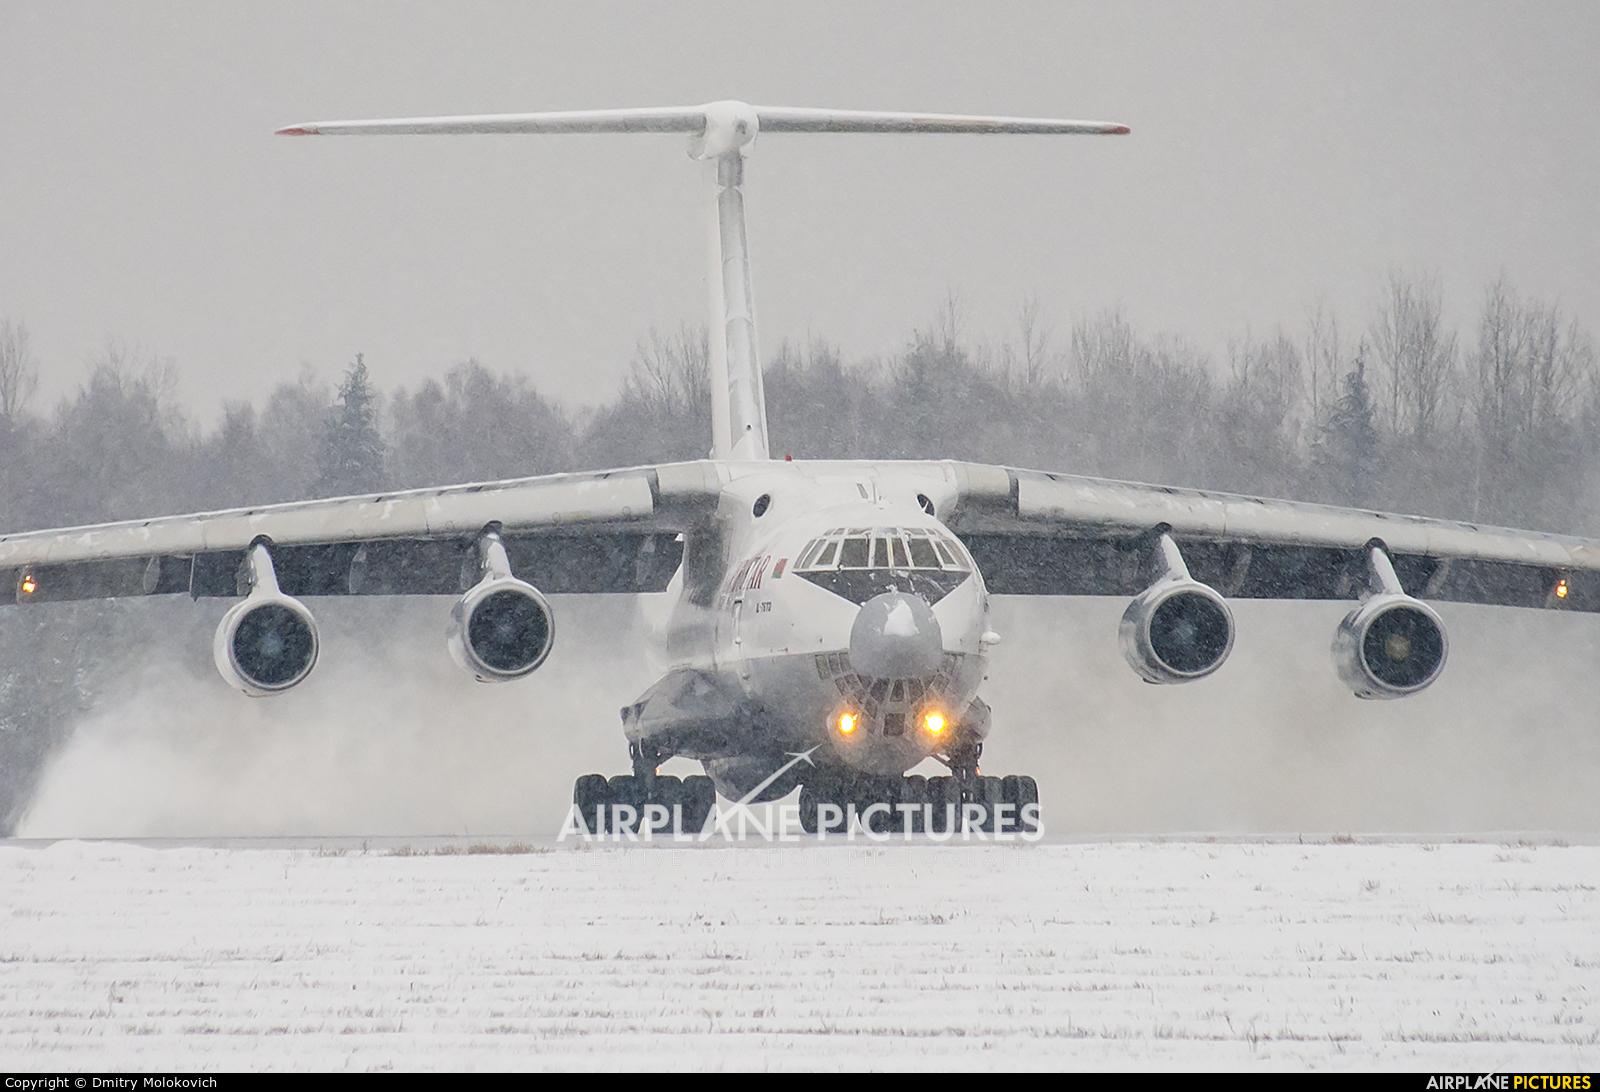 Ruby Star Air Enterprise EW-412TH aircraft at Minsk Intl